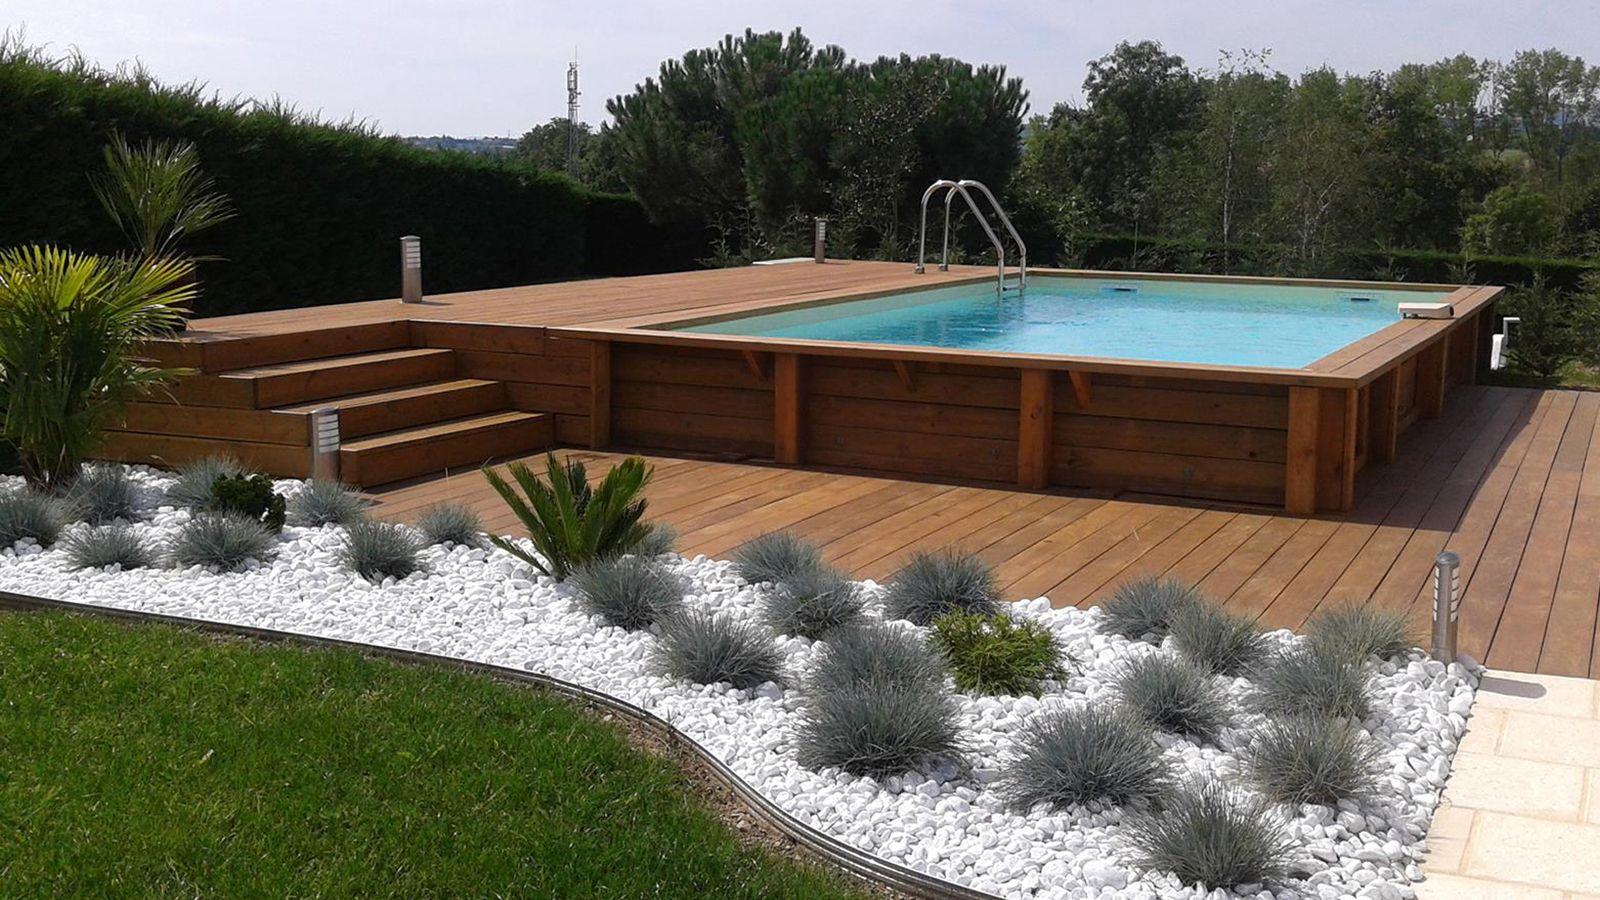 Piscine hors sol recherche google piscine pinterest for Beaver pool piscine